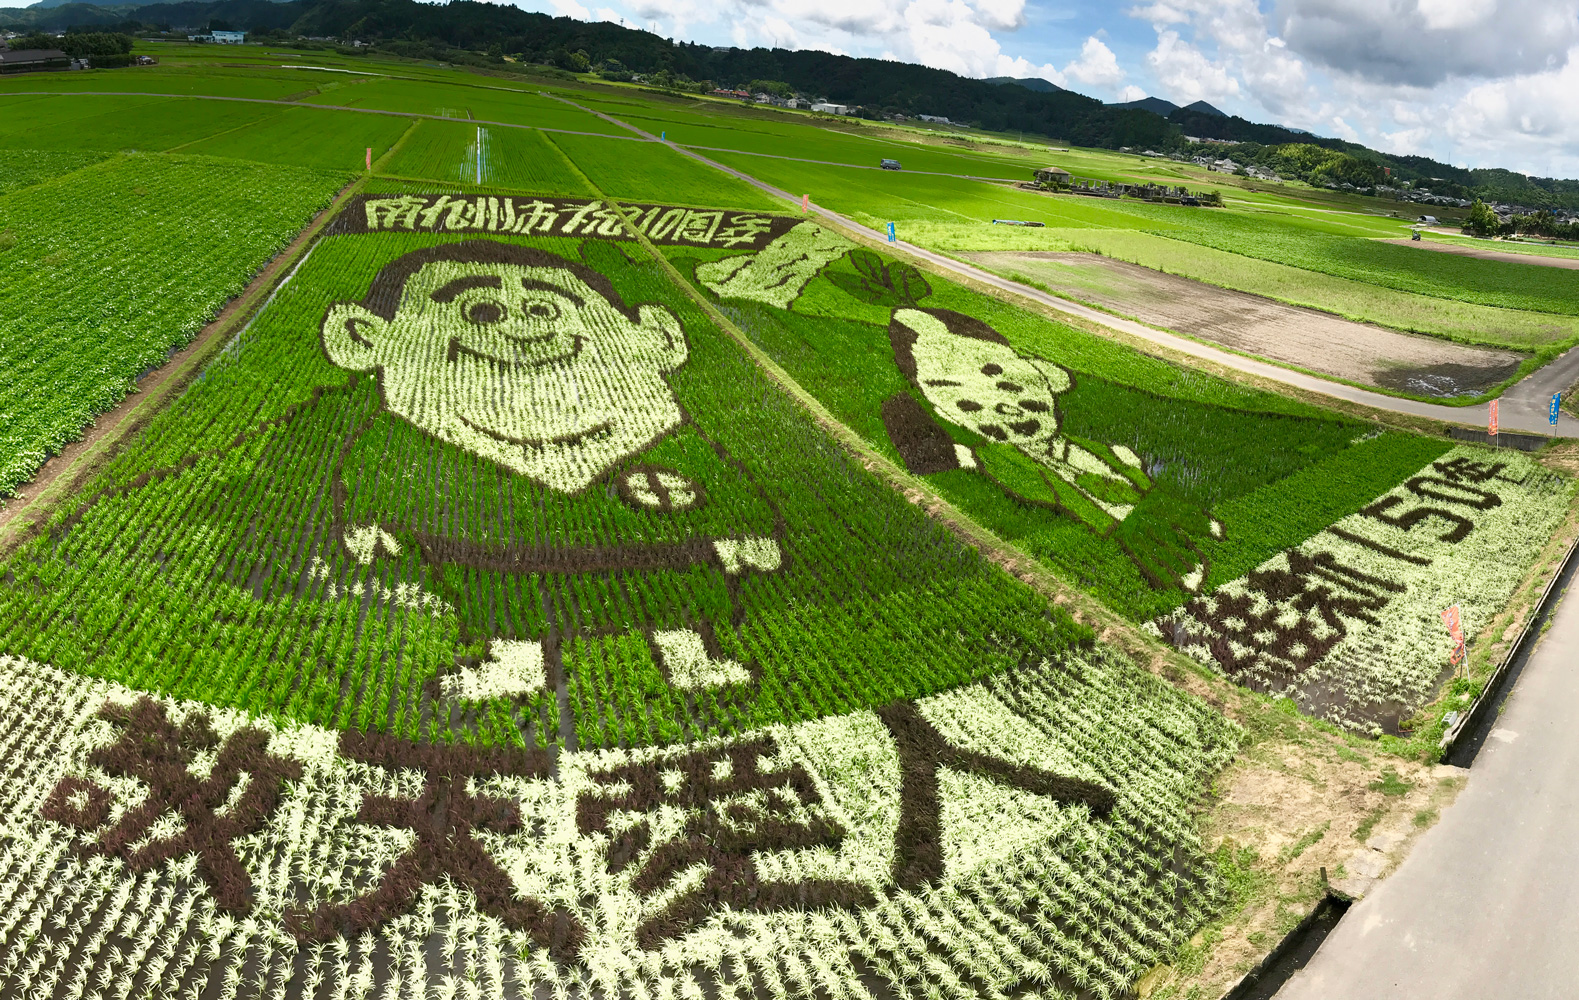 田んぼをキャンバスにしたビッグなアートが登場!